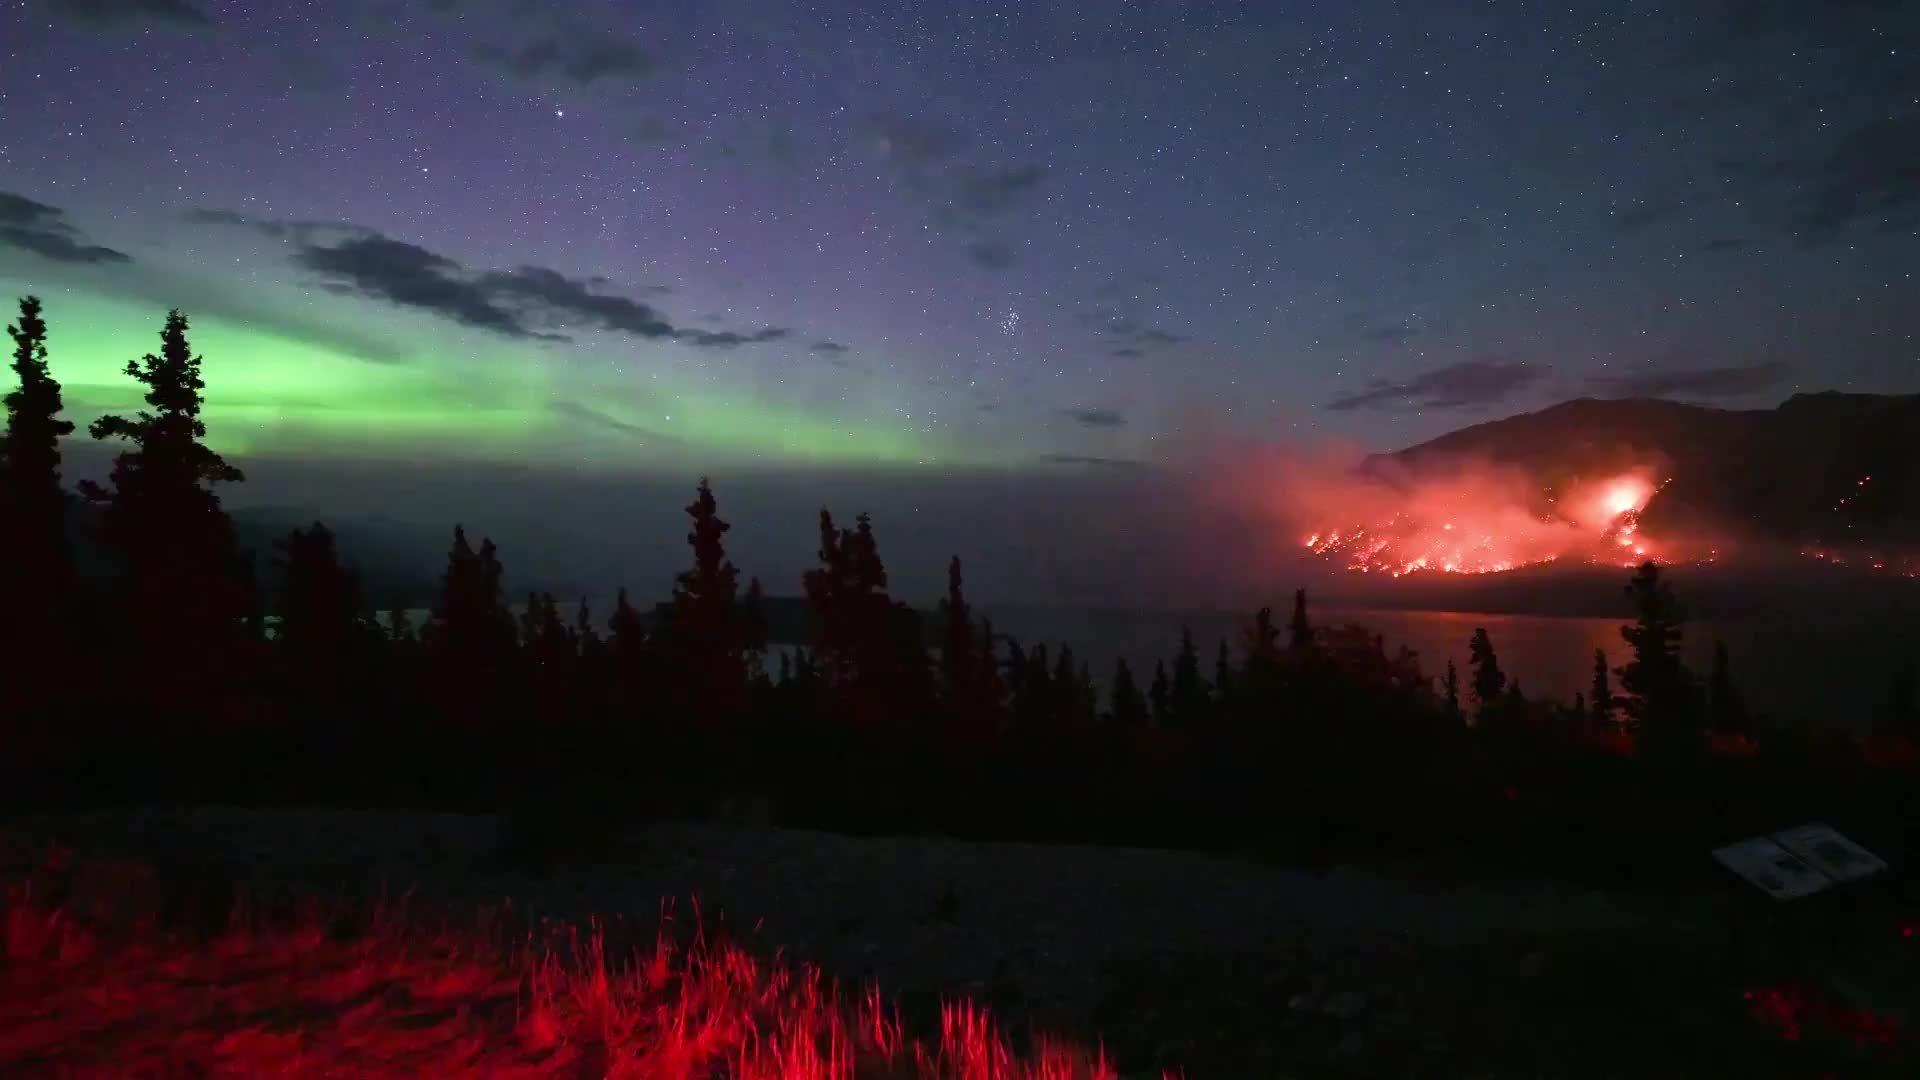 Cực quang và cháy rừng thắp sáng bầu trời đêm ở Canada